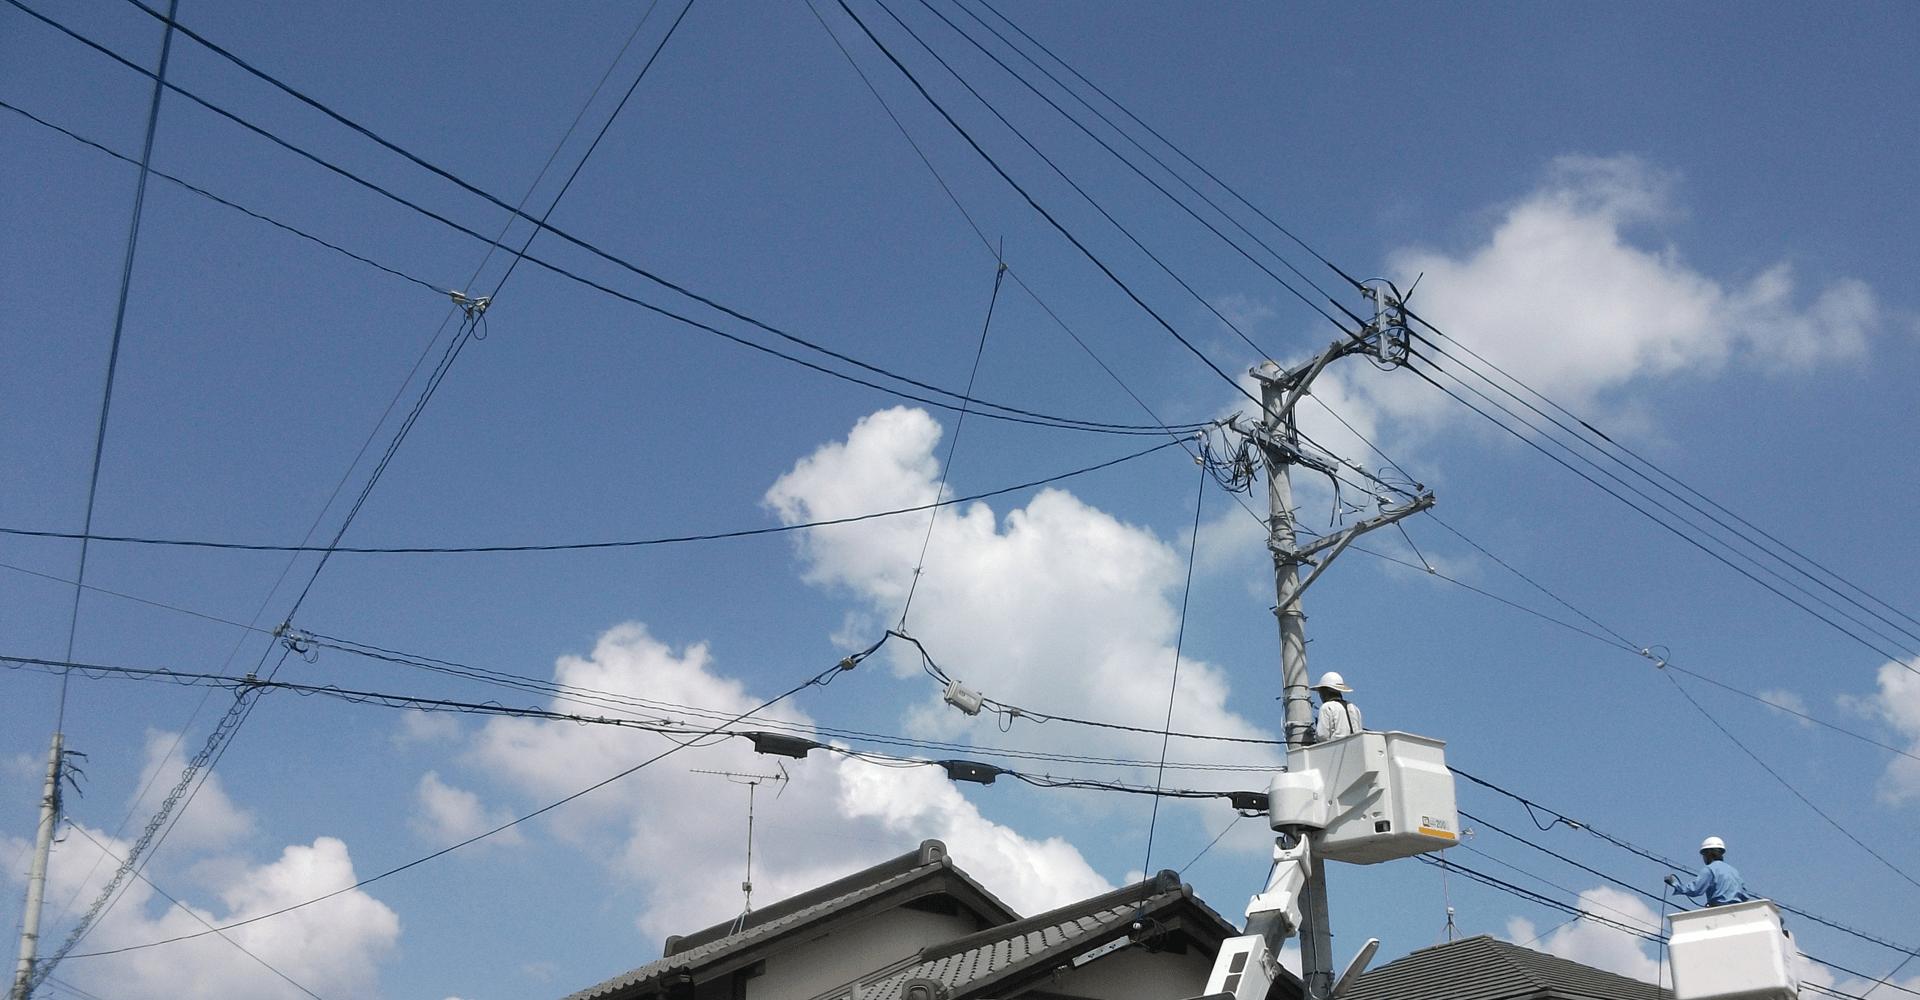 福岡、北九州、下関、久留米、筑豊、山口・九州一円